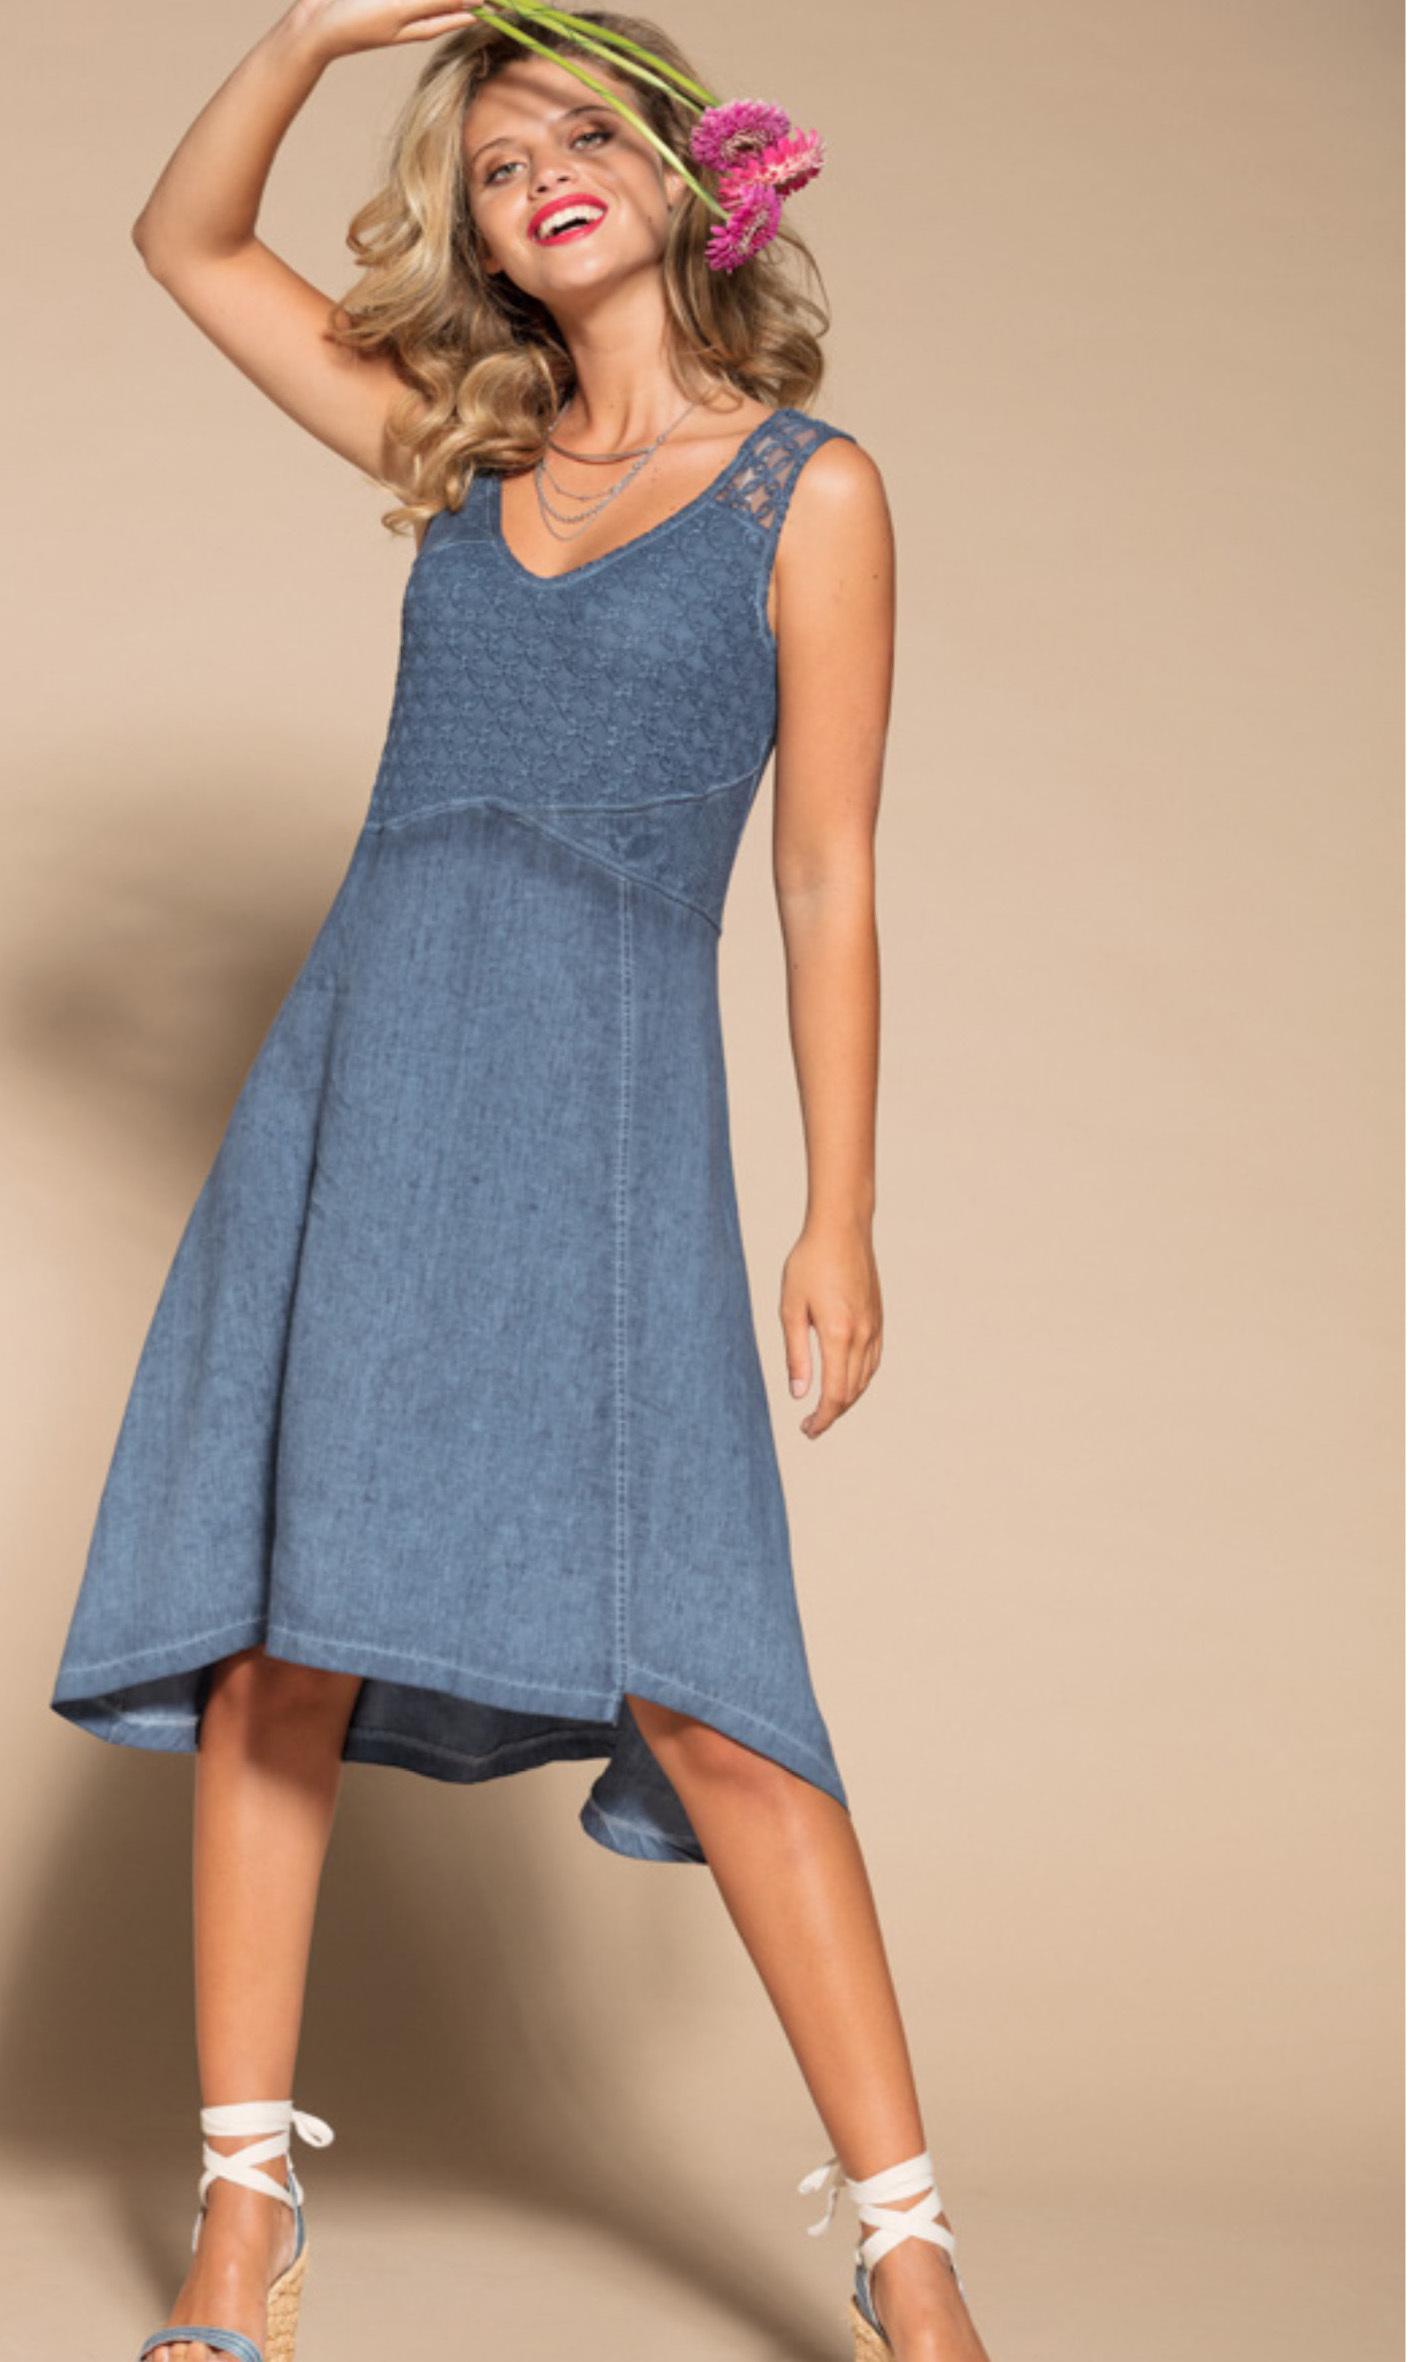 Maloka: Brushed Cotton High Waisted Midi Dress MK_TEDDIE_N